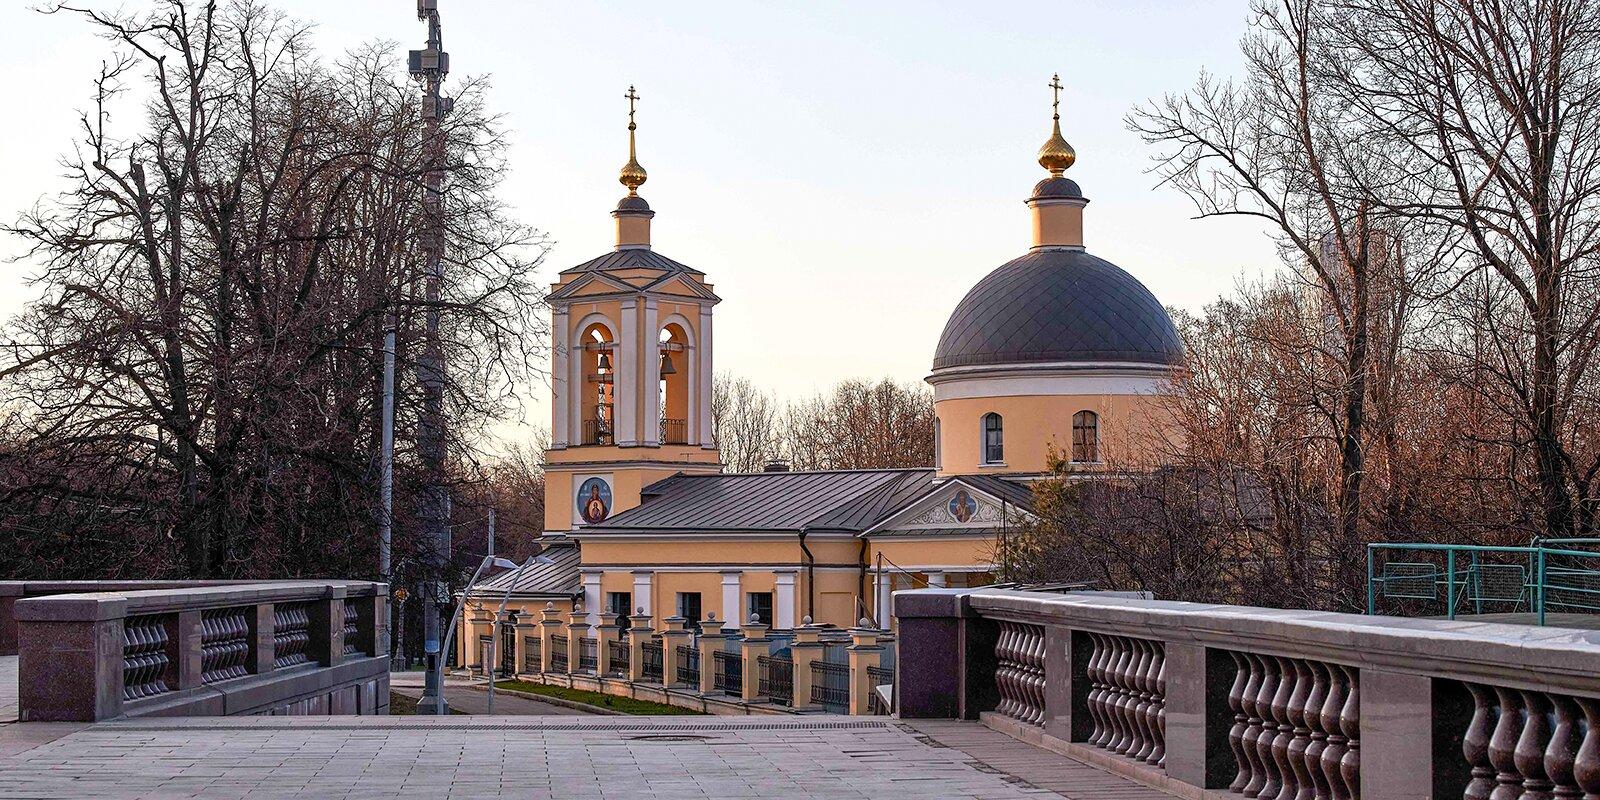 Фото М. Денисова. Mos.ru